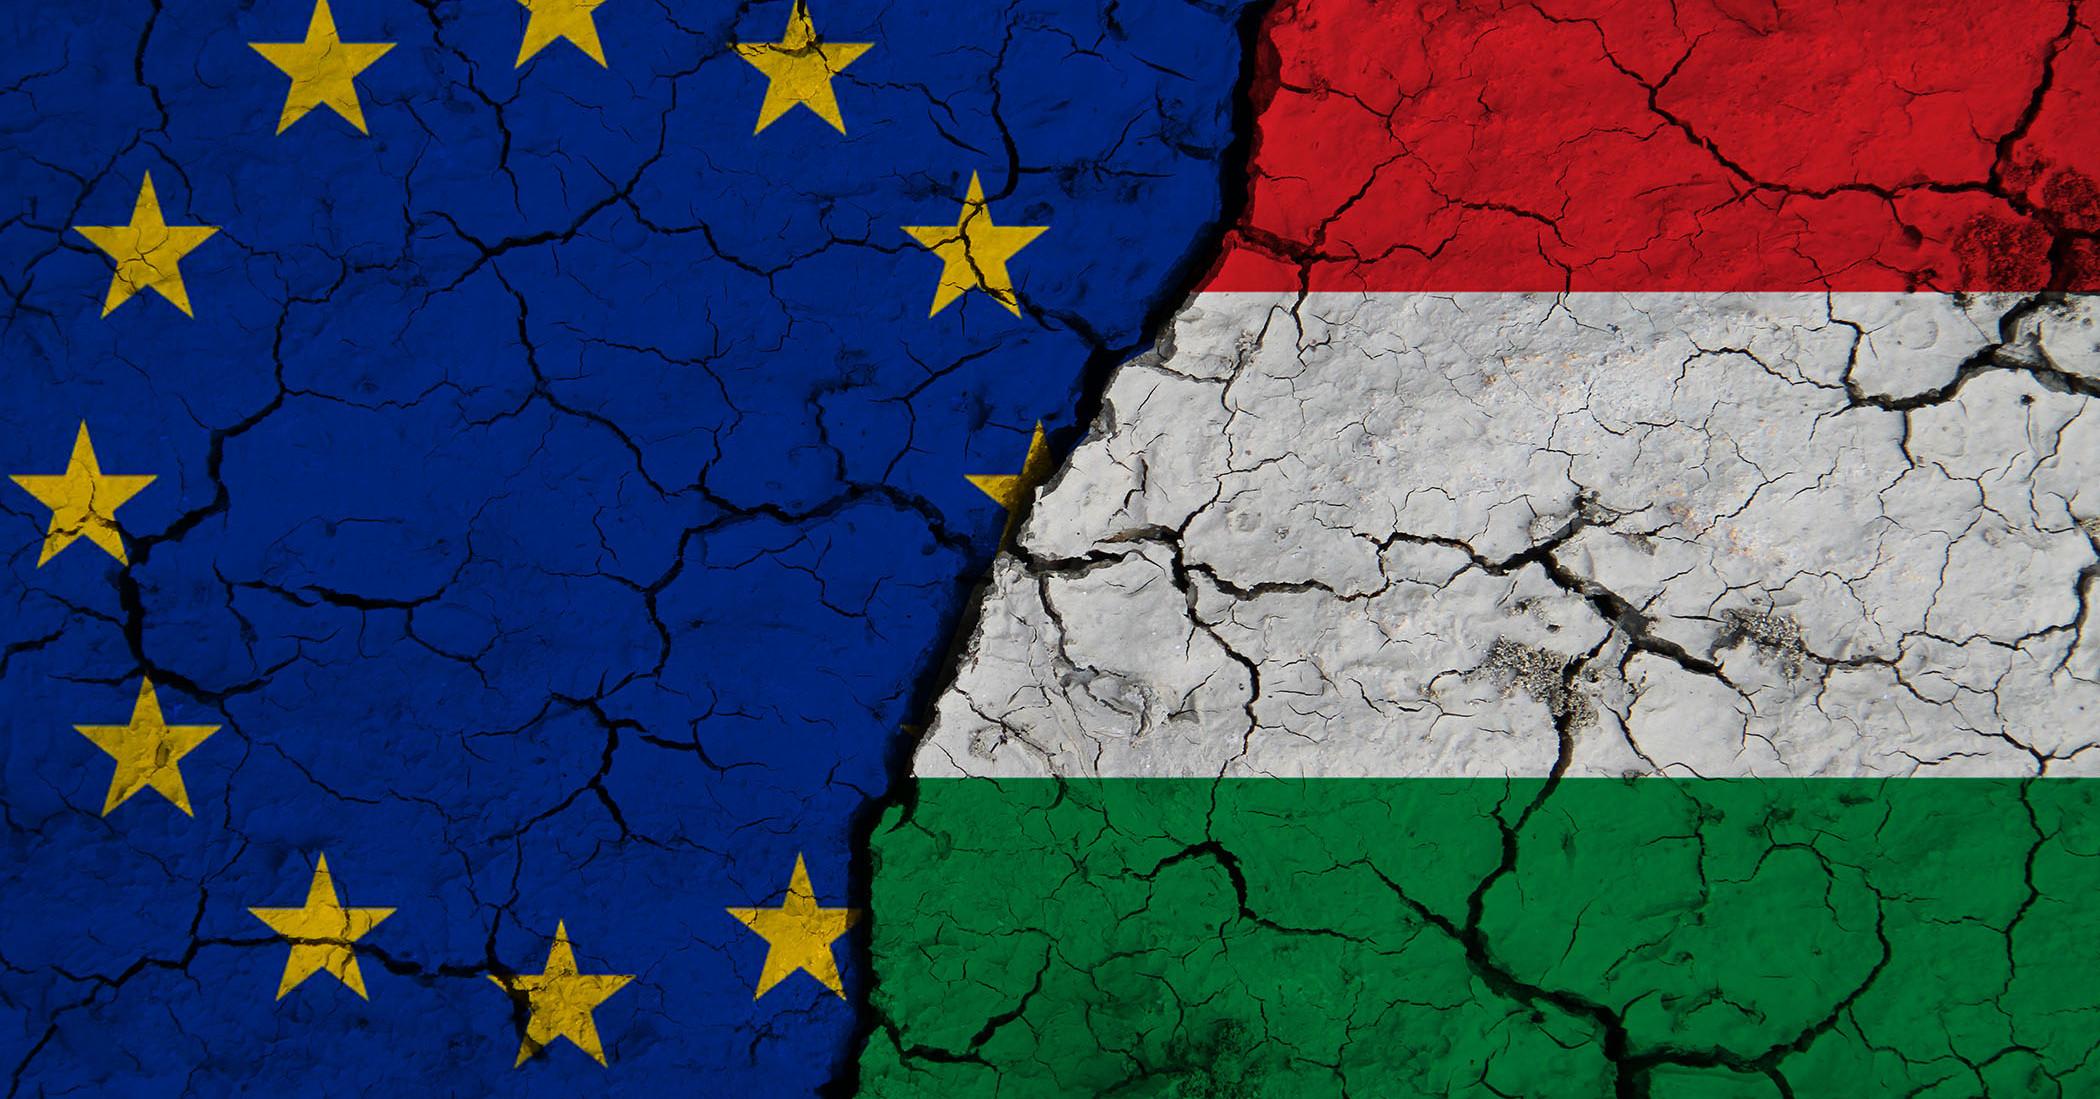 Miért nem rúgja ki az EU Magyarországot?